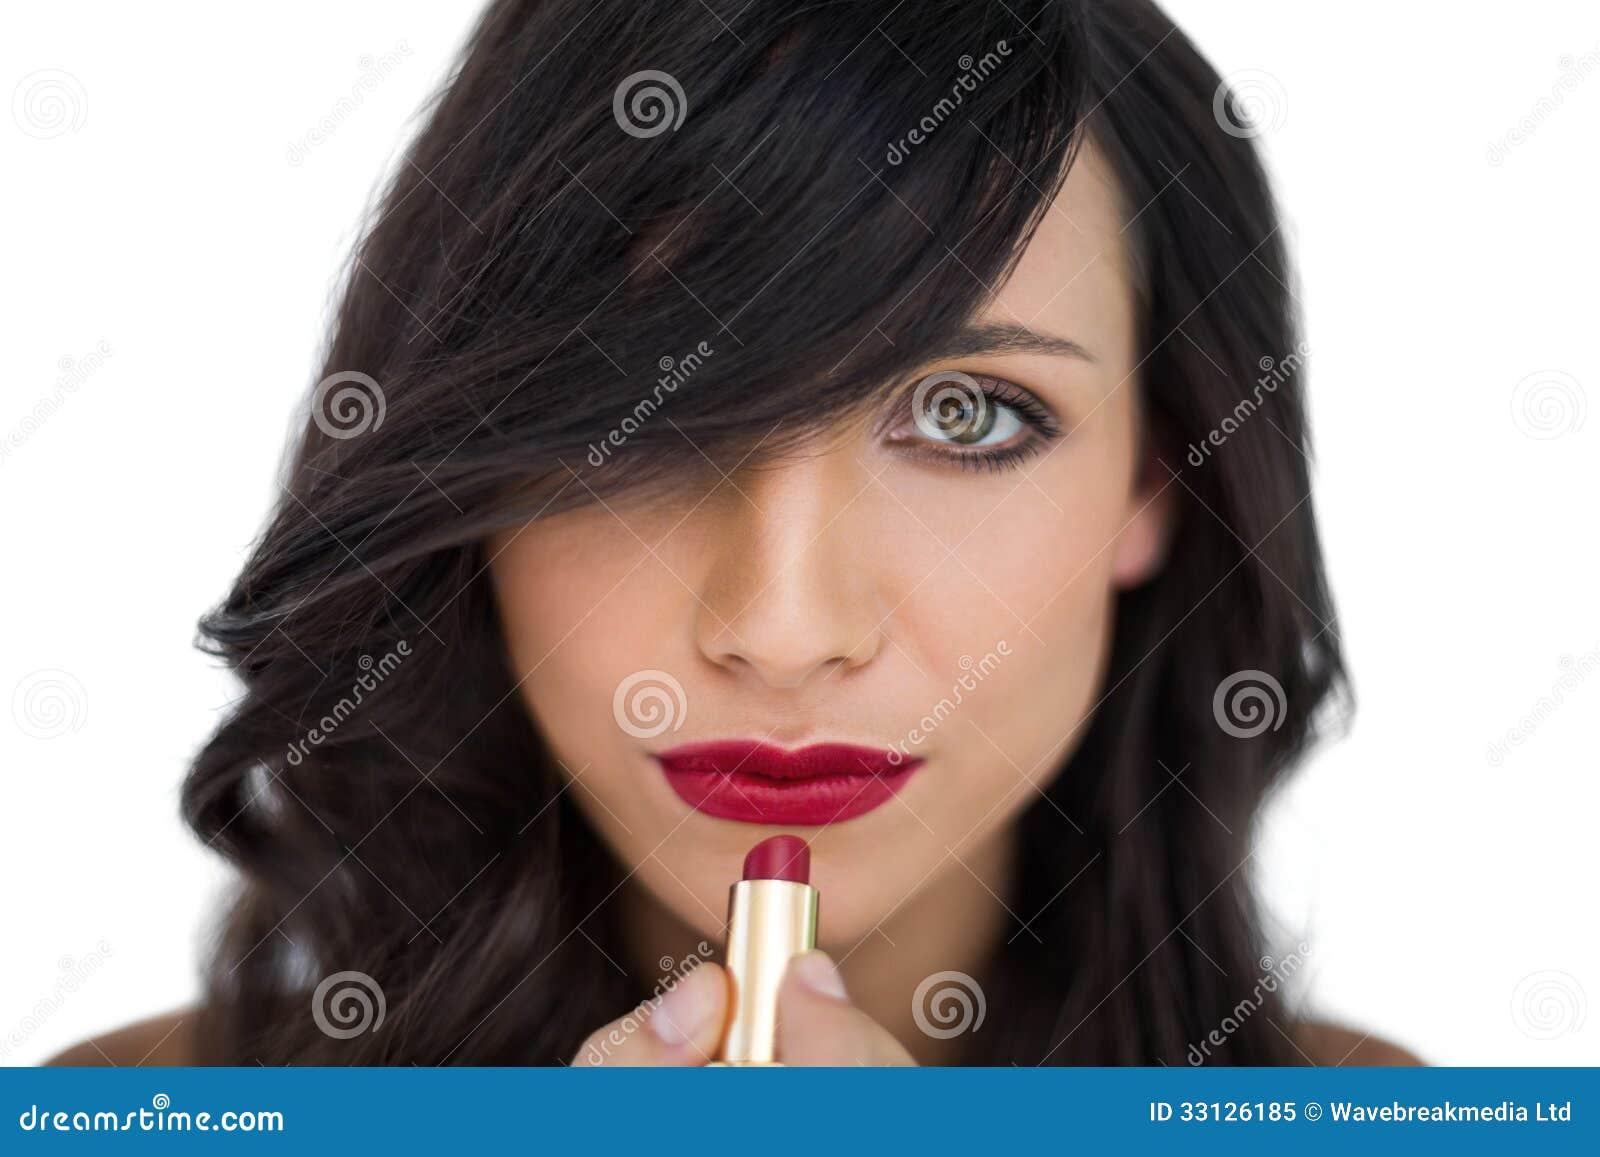 Brunette Lipstick Hot Model Fukers